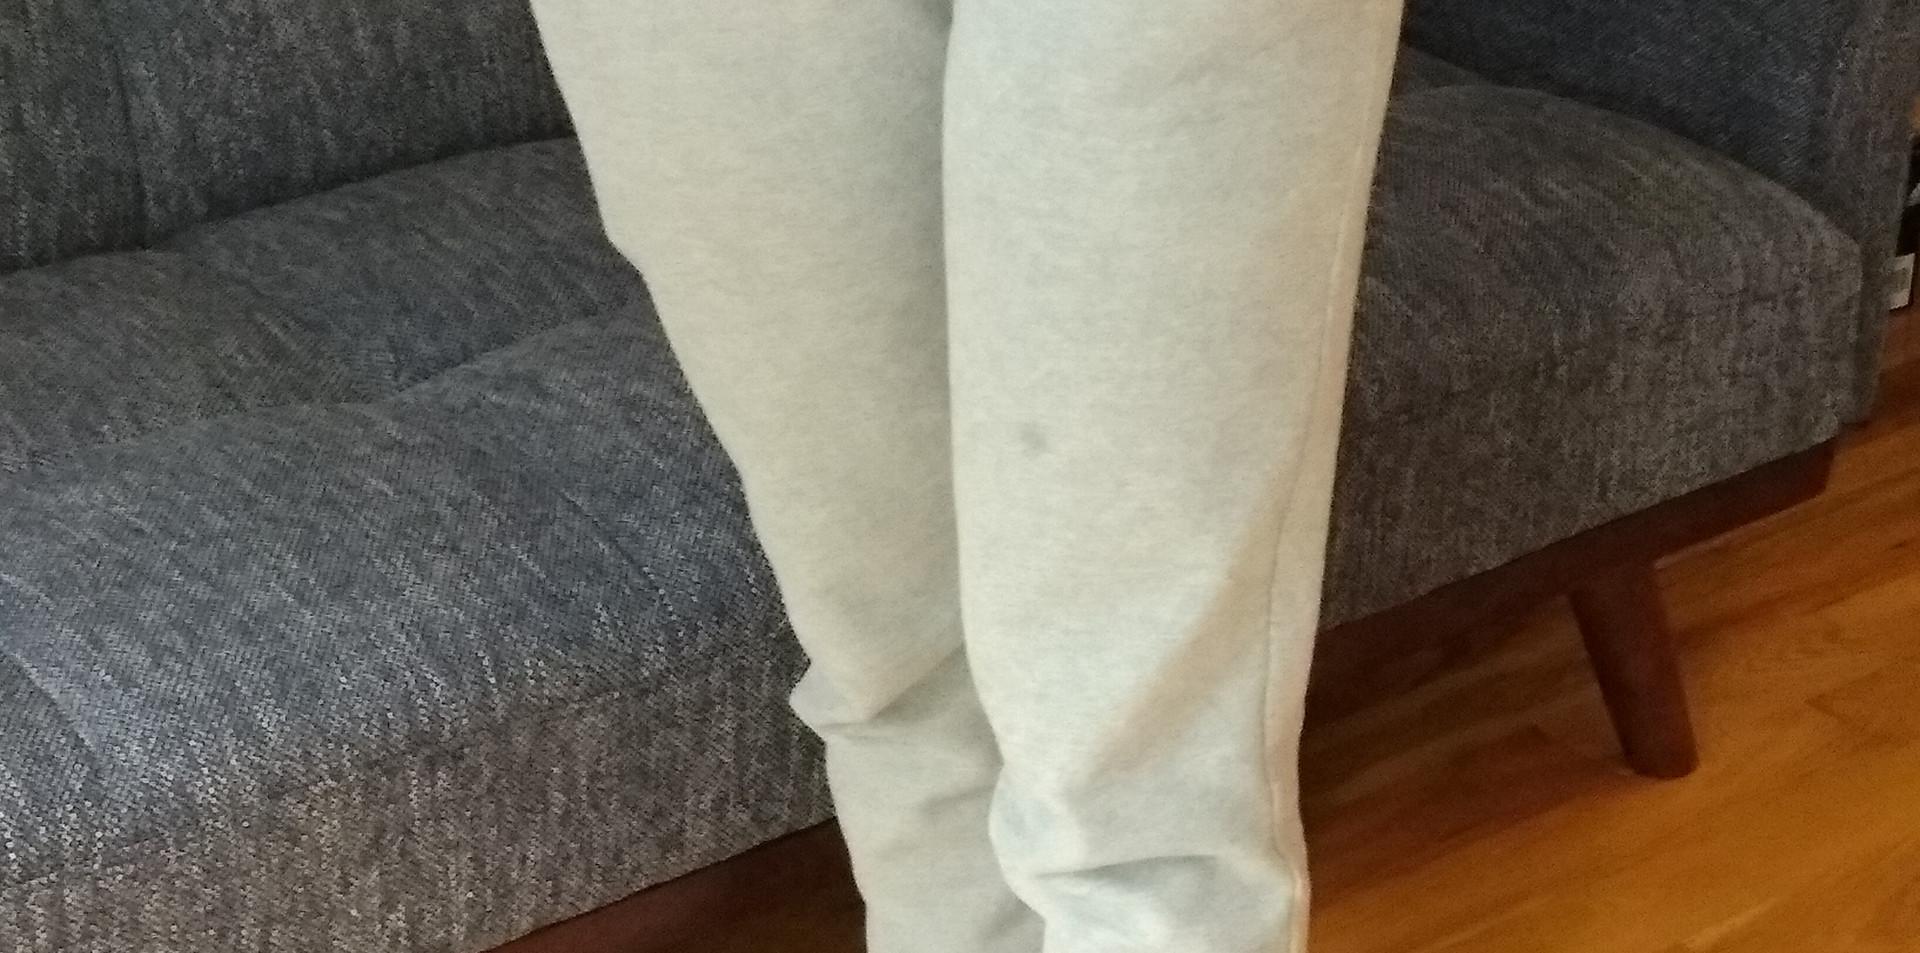 Pantalon sportif en molleton - Devant / Fleece sport pants - Front